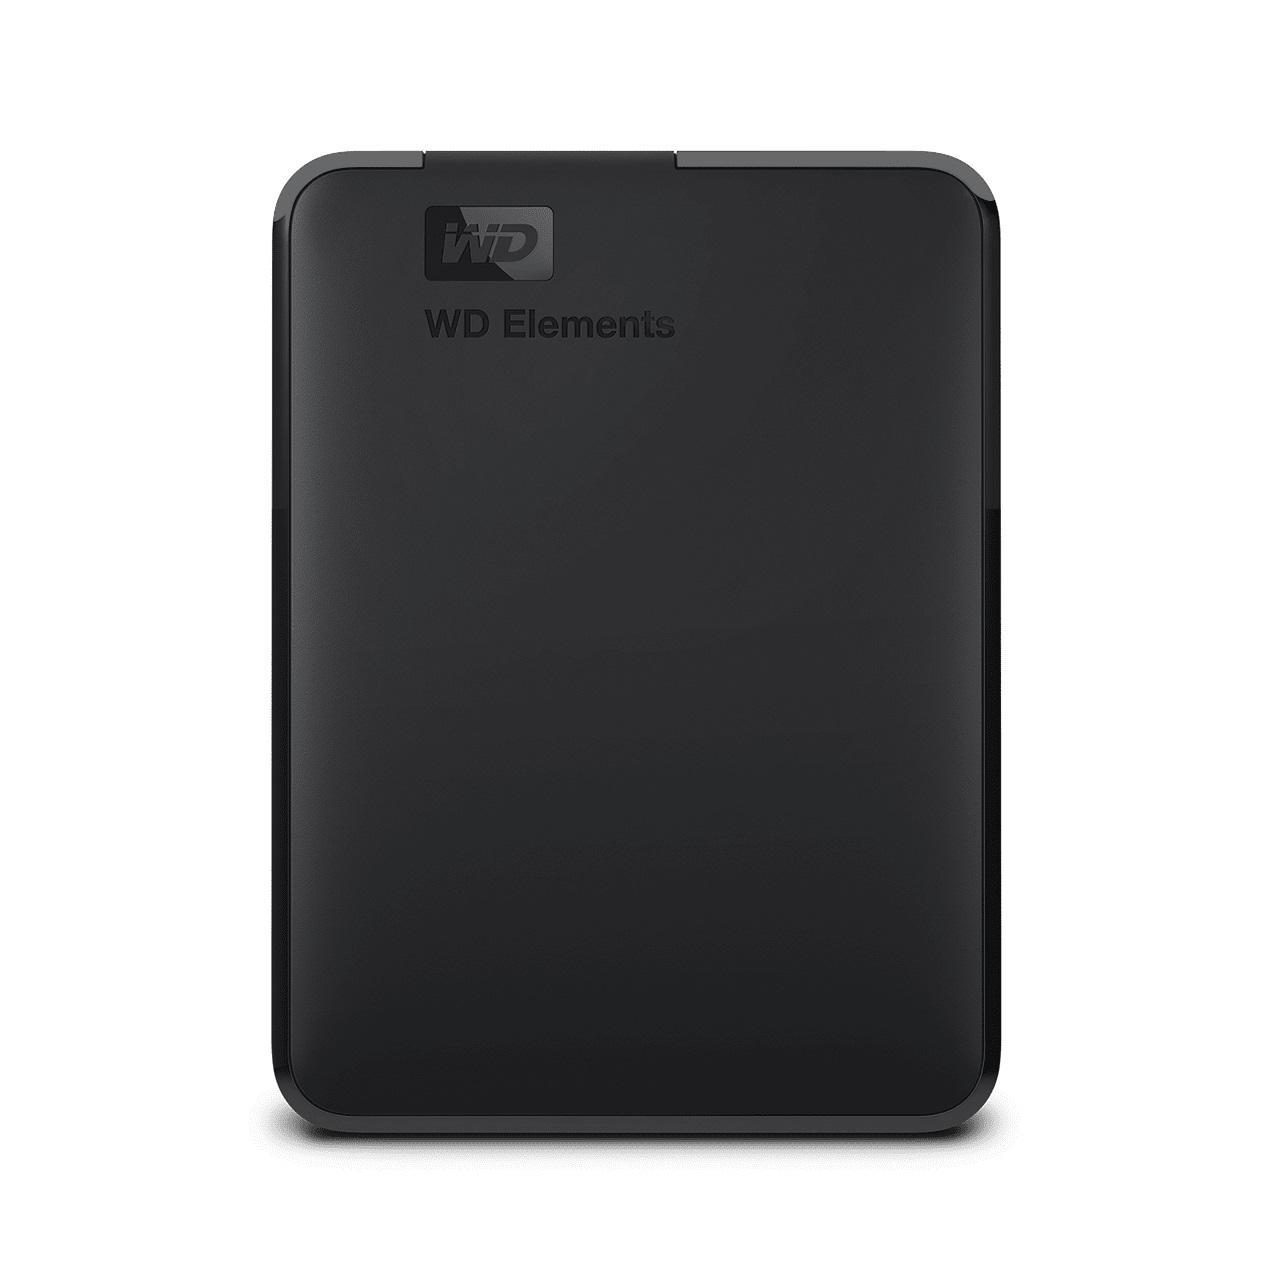 Външен хард диск Western Digital Elements Portable, 2TB, 2.5, USB 3.0, Черен